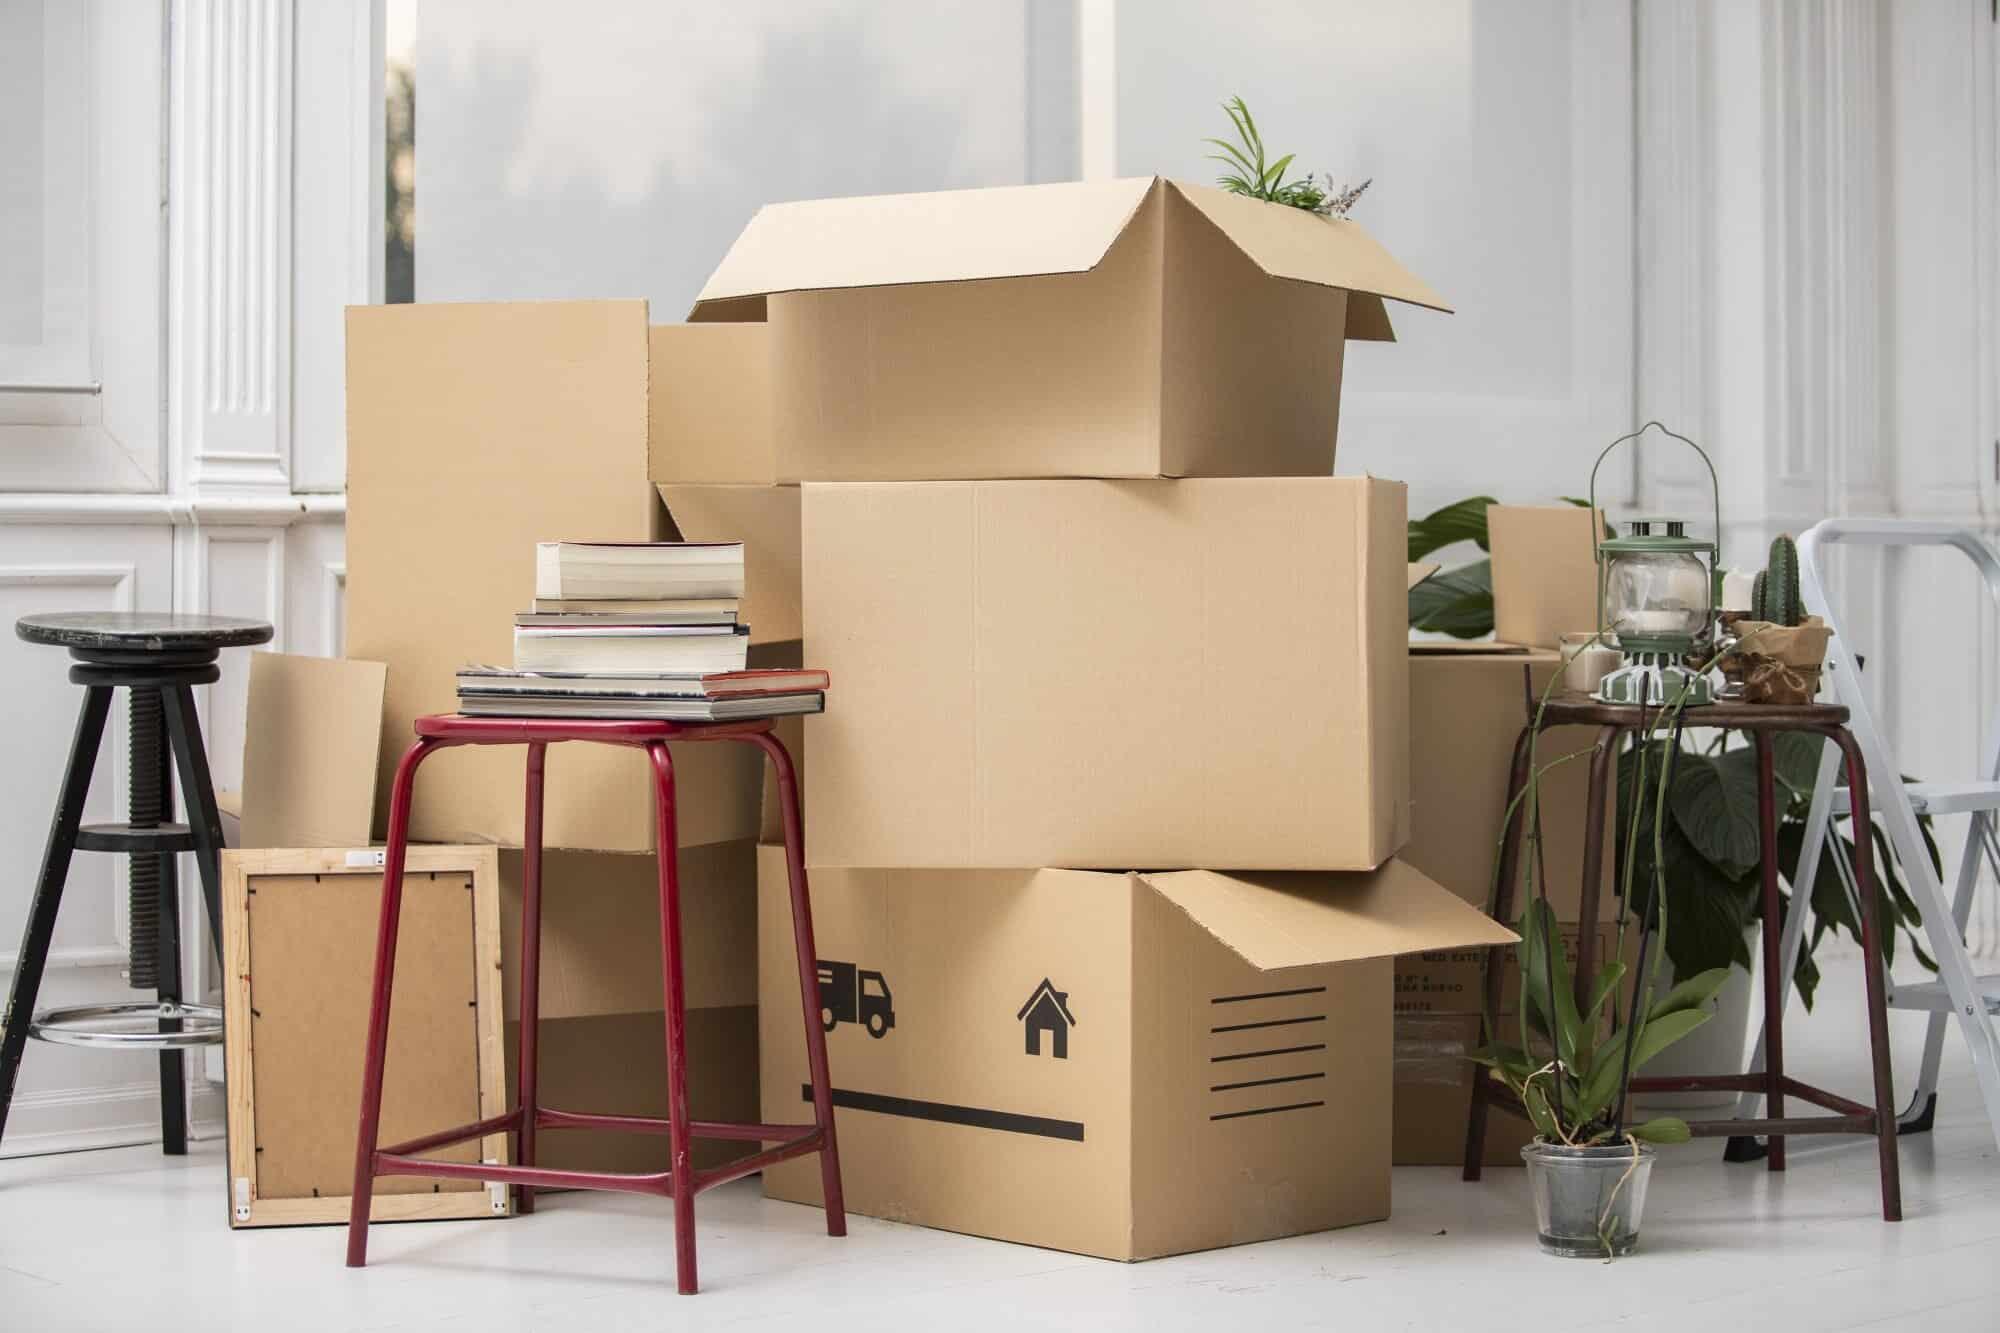 đóng thùng đồ đạc vận chuyển bằng thùng carton